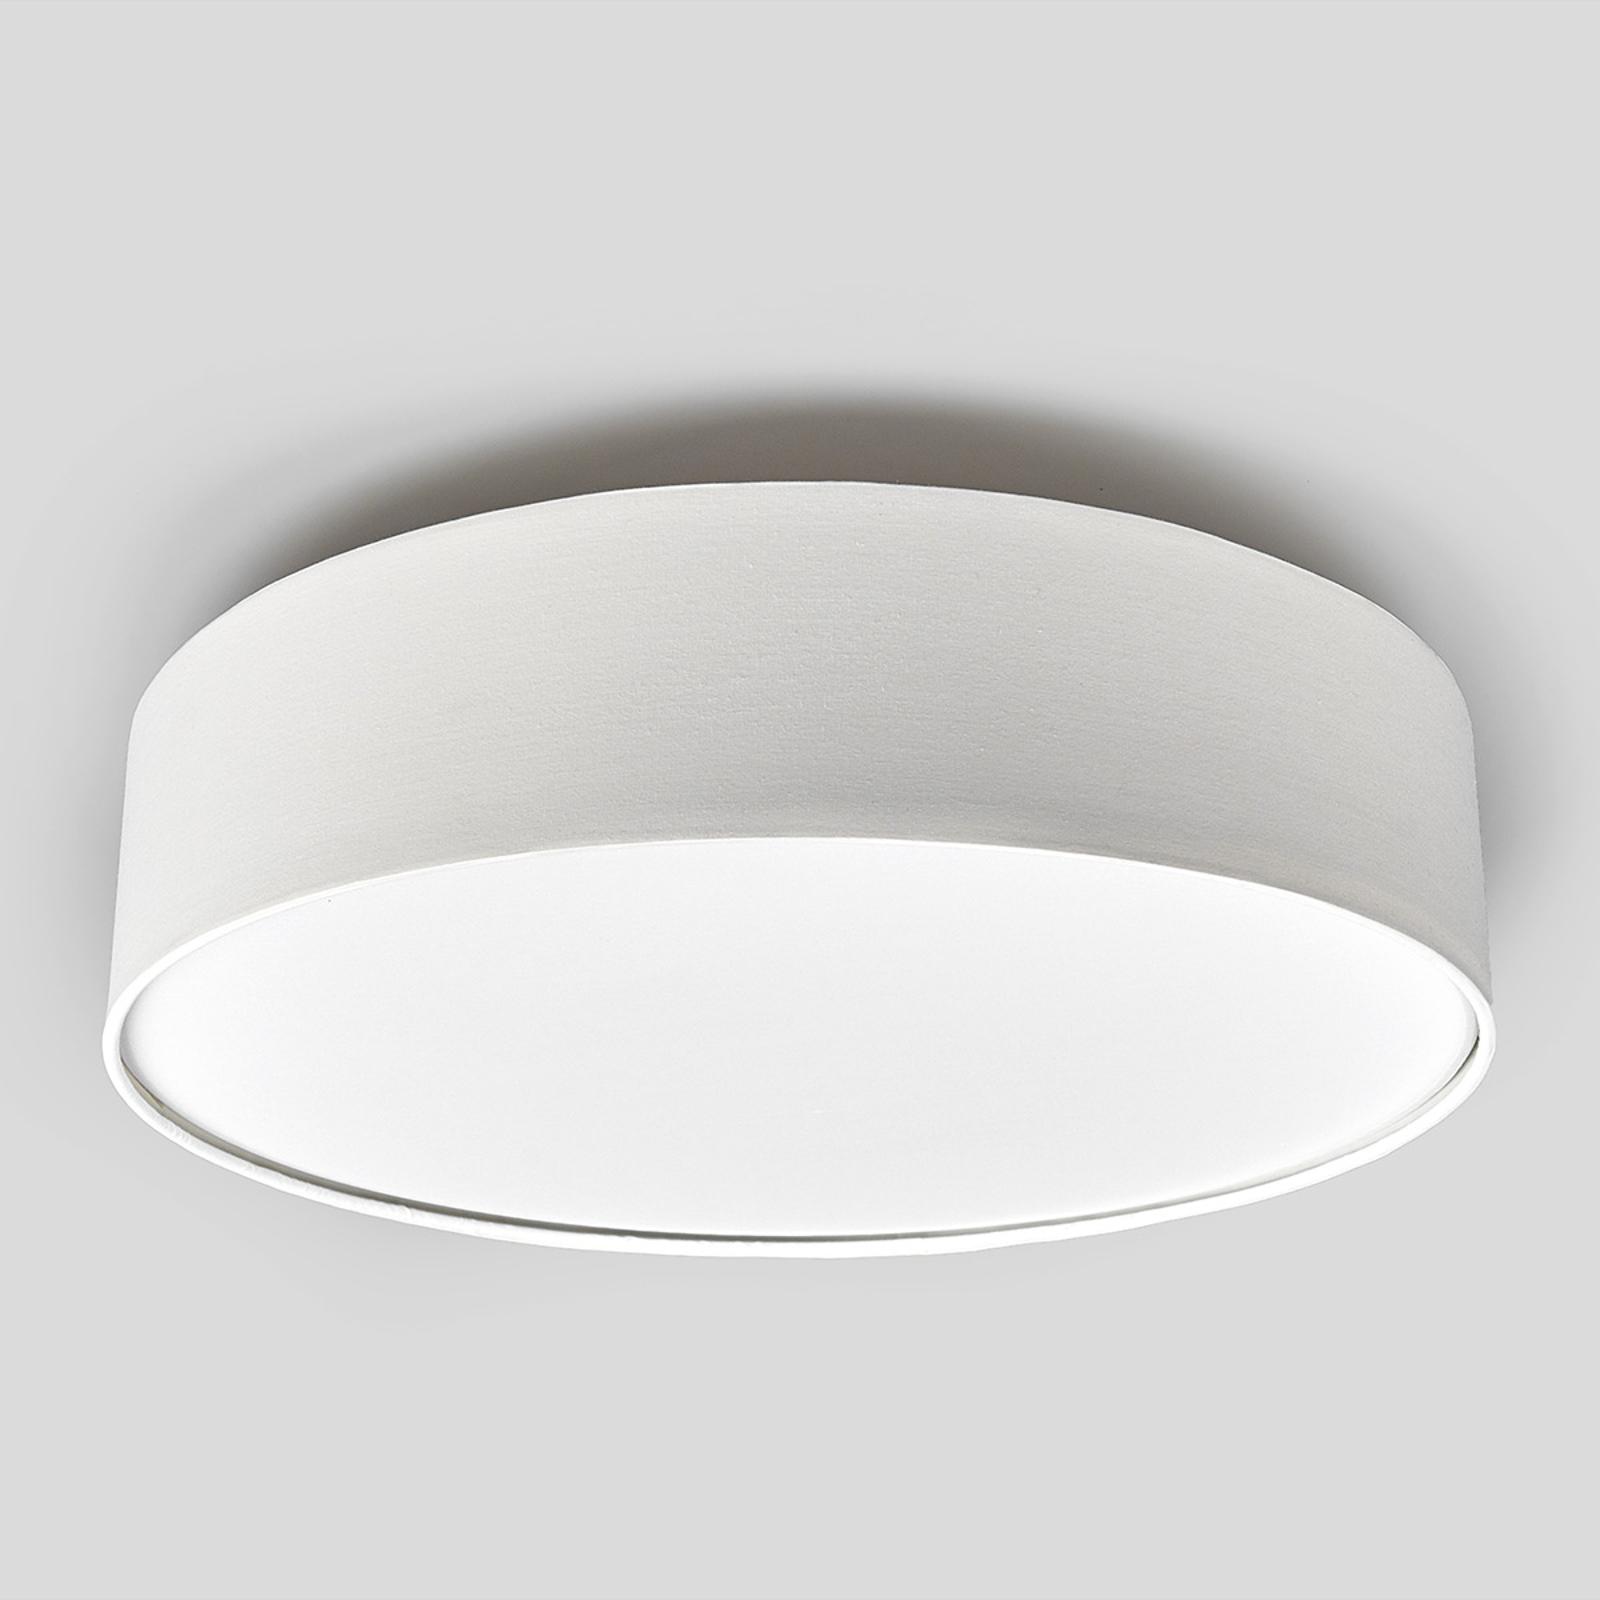 Cremefarvet LED-loftslampe Sebatin af stof